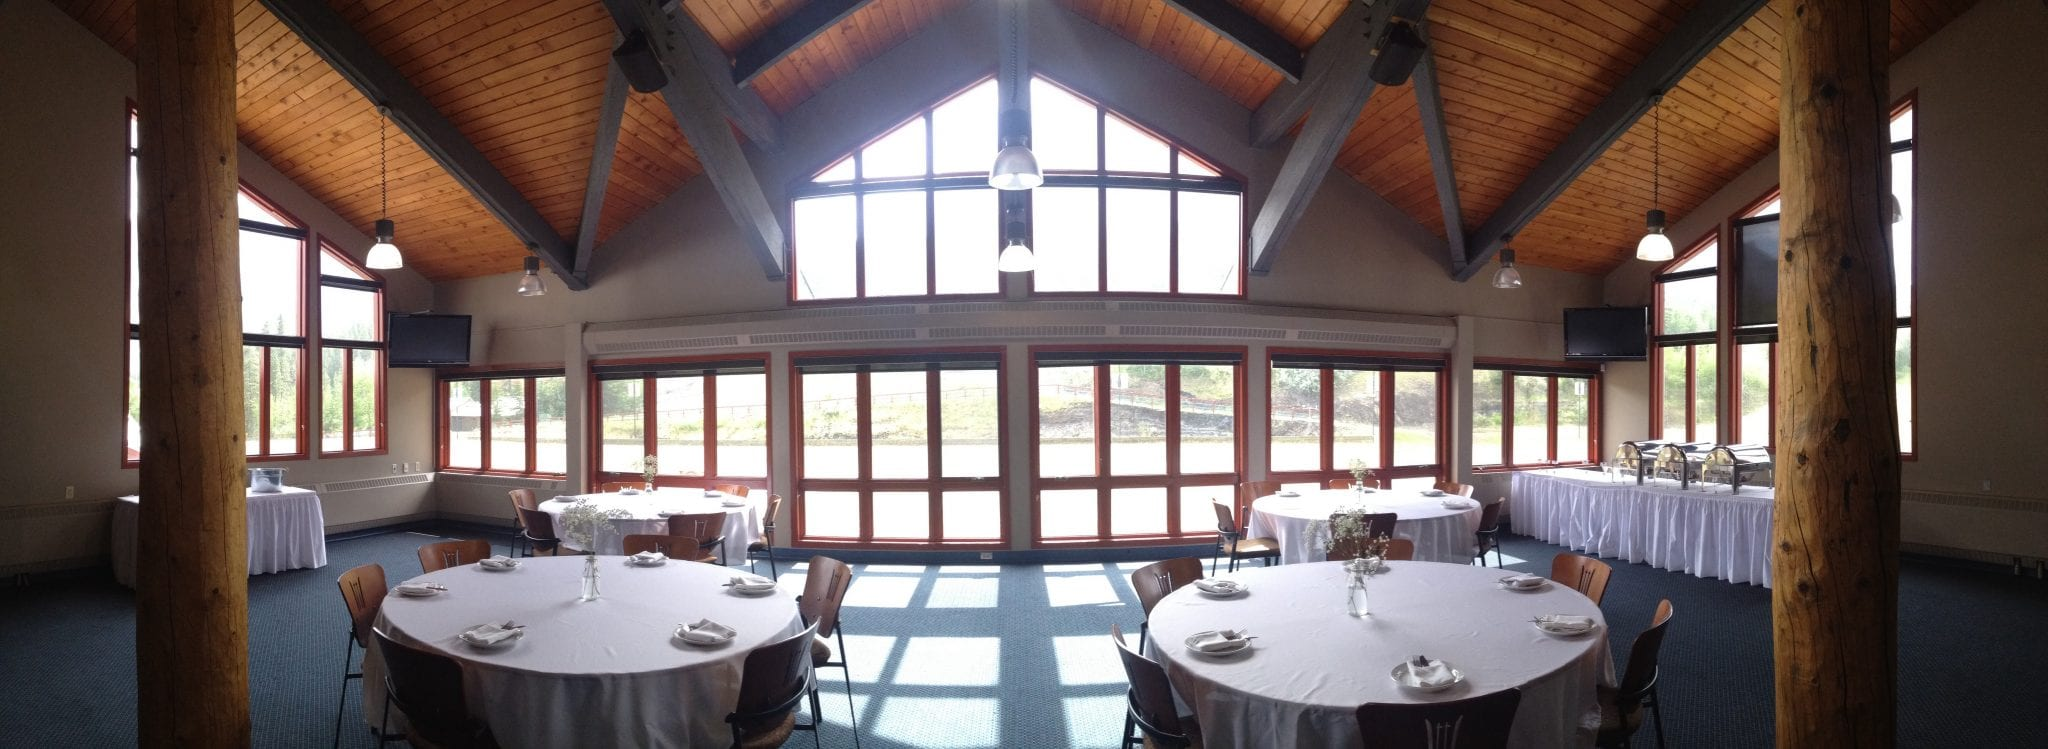 CNC banquet room